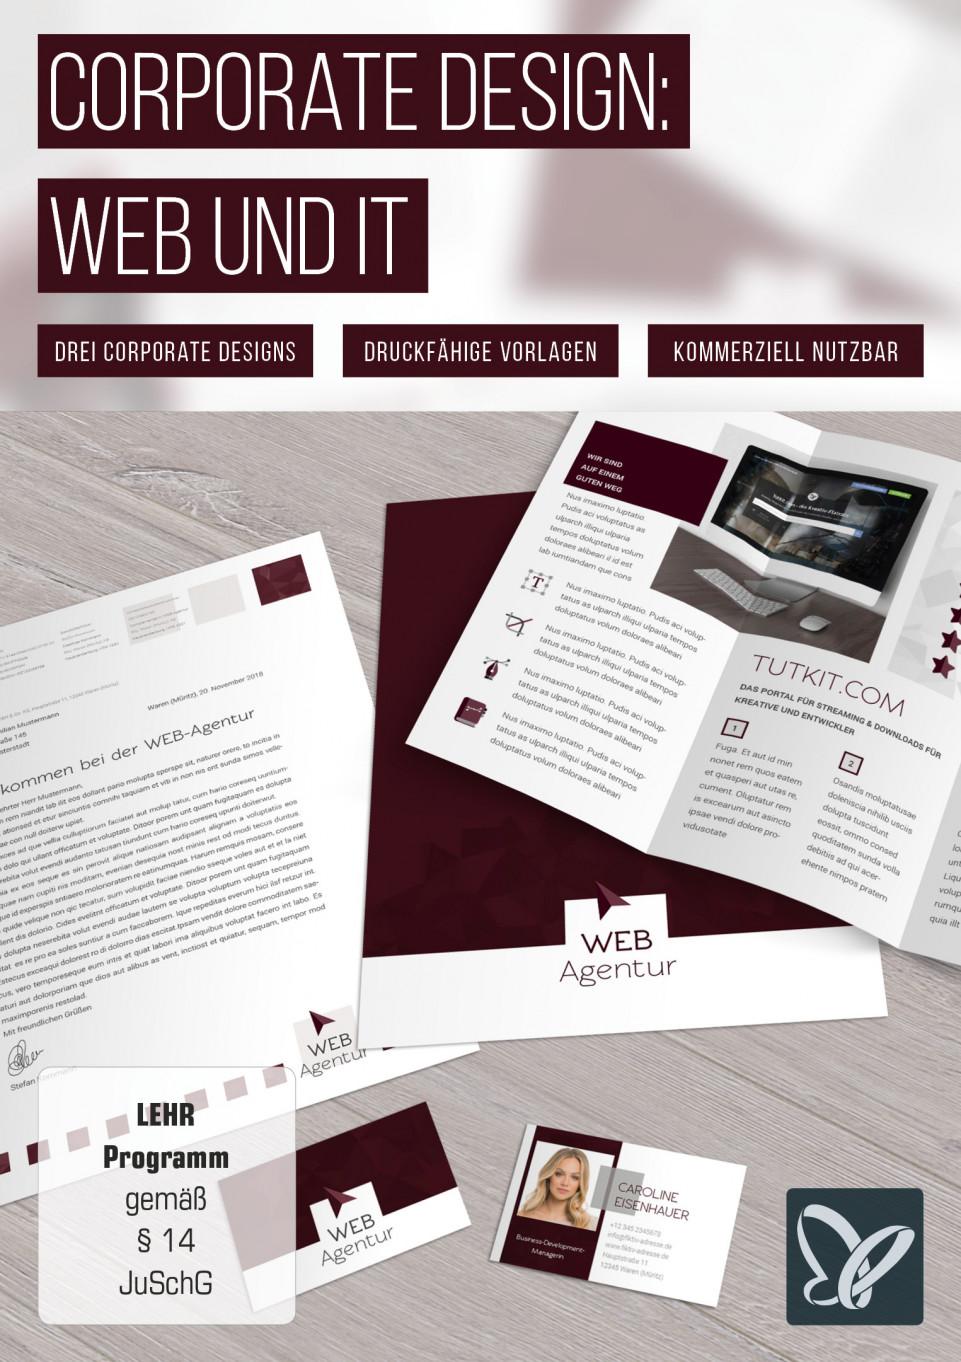 Corporate Design – die Komplettausstattung für Web und IT